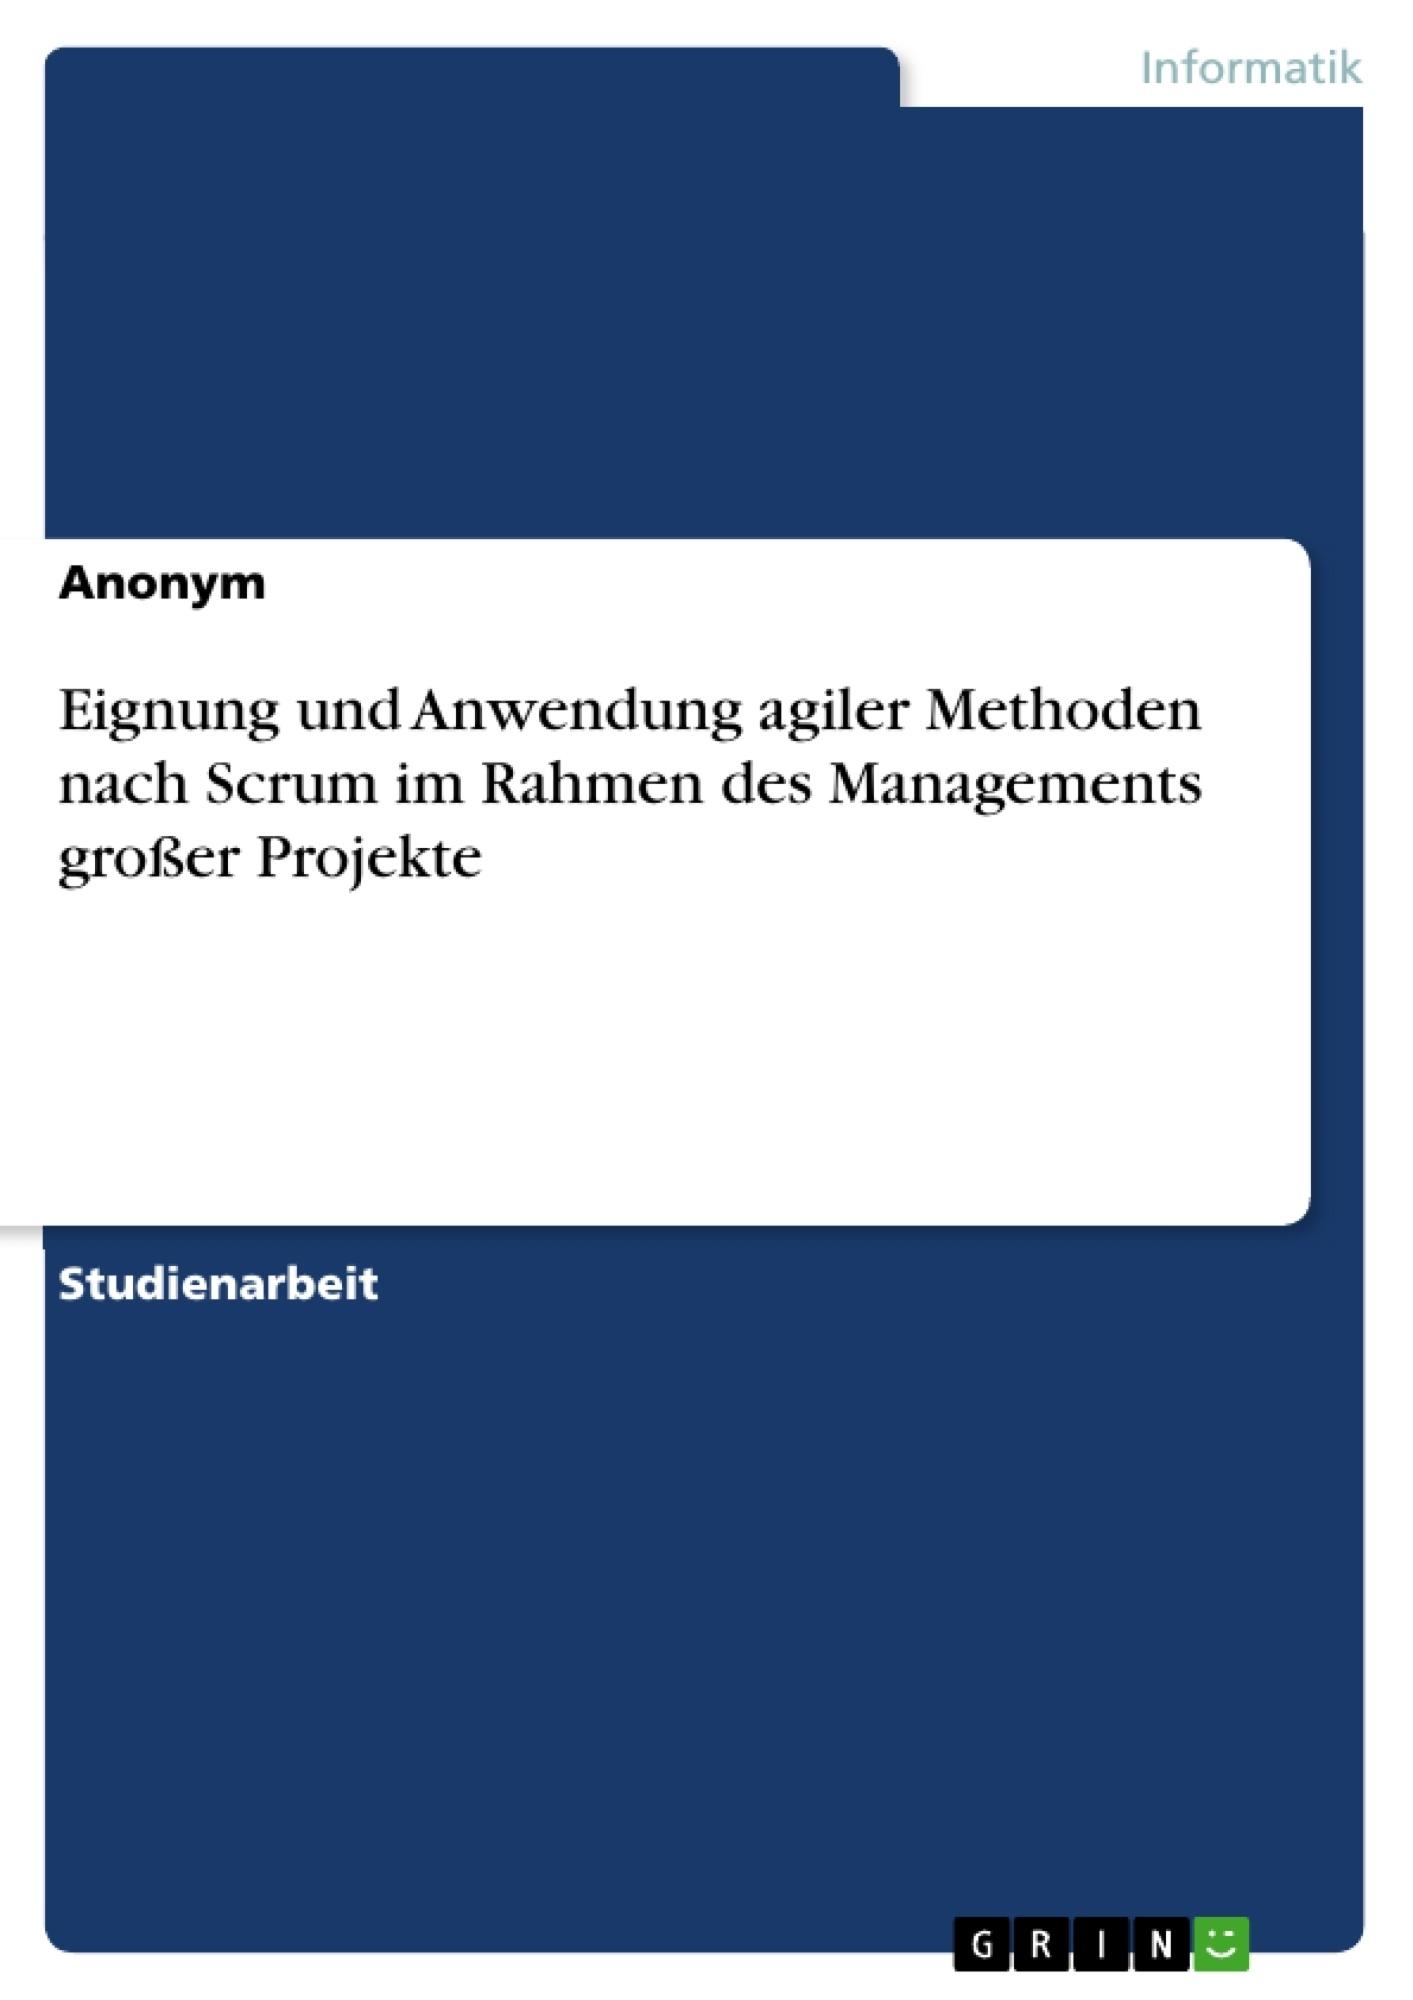 Titel: Eignung und Anwendung agiler Methoden nach Scrum im Rahmen des Managements großer Projekte